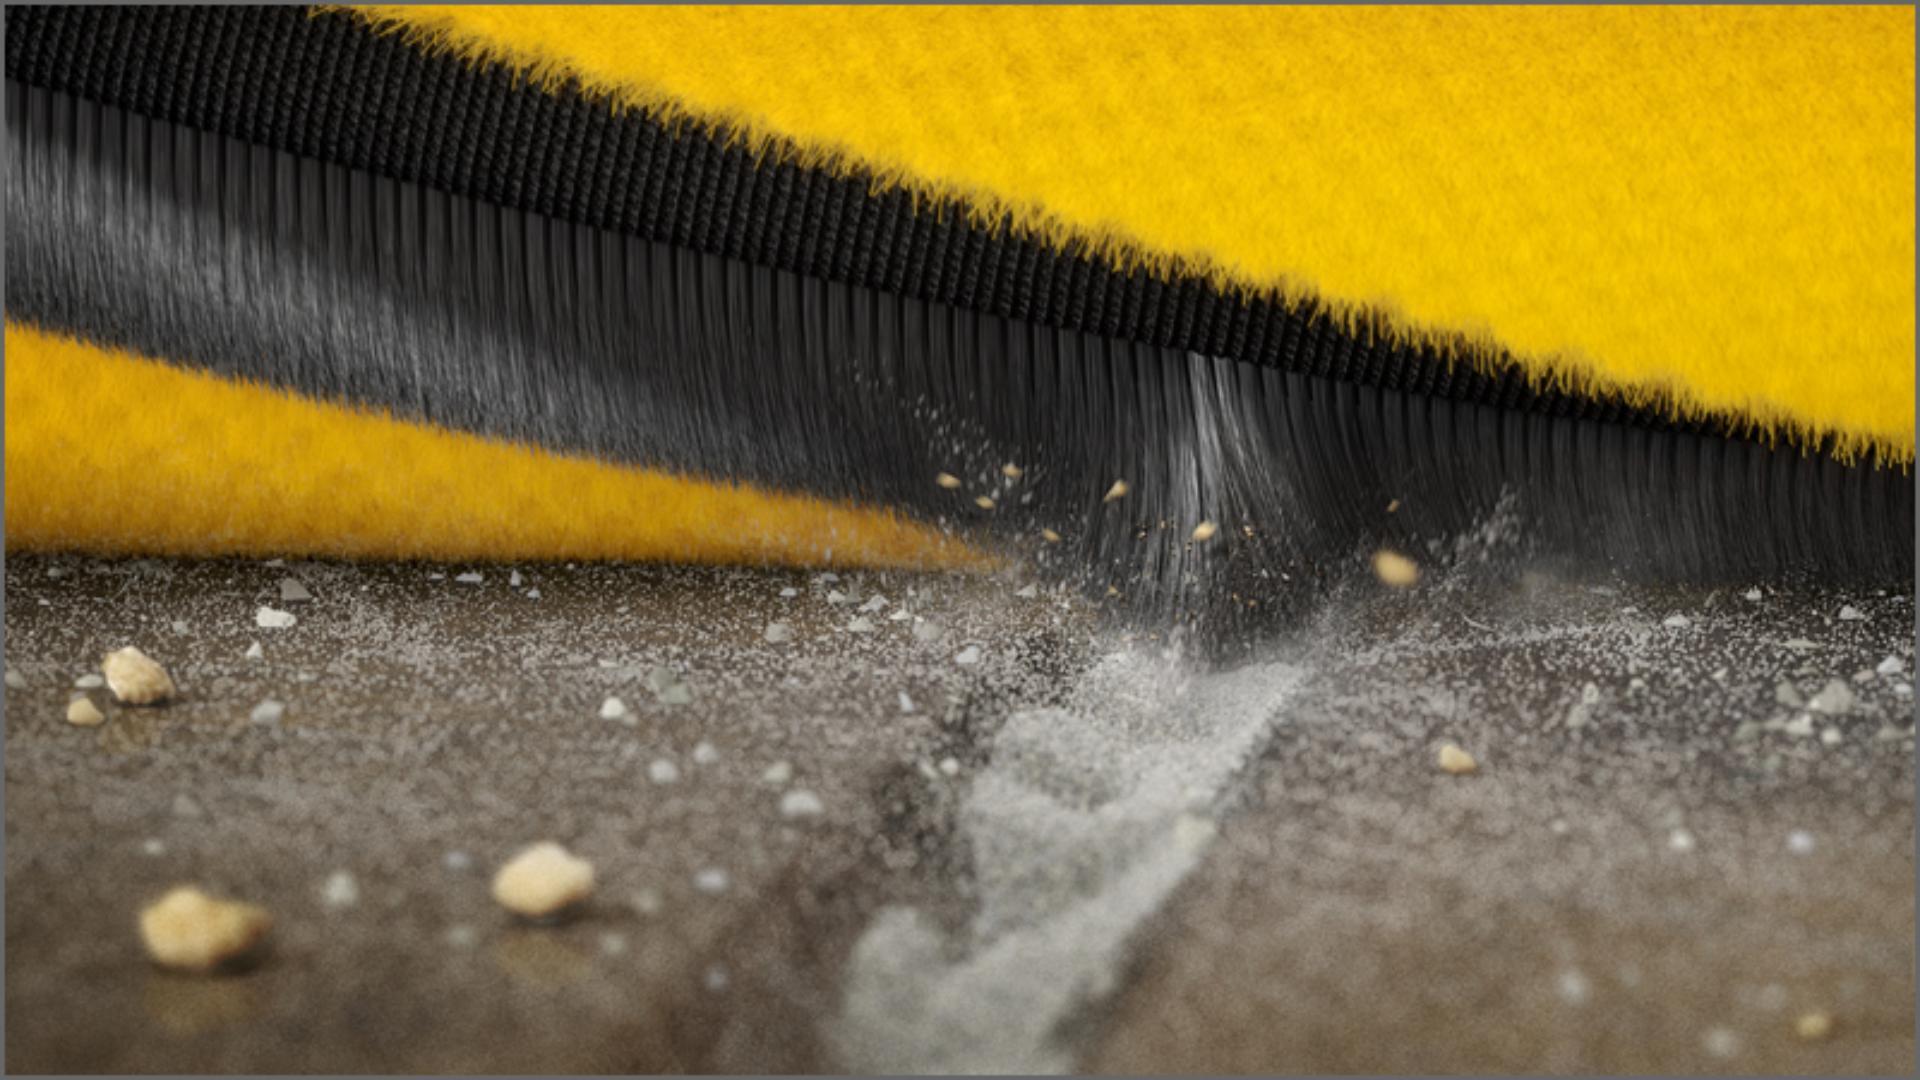 Close-up of carbon fibre brush bar filaments